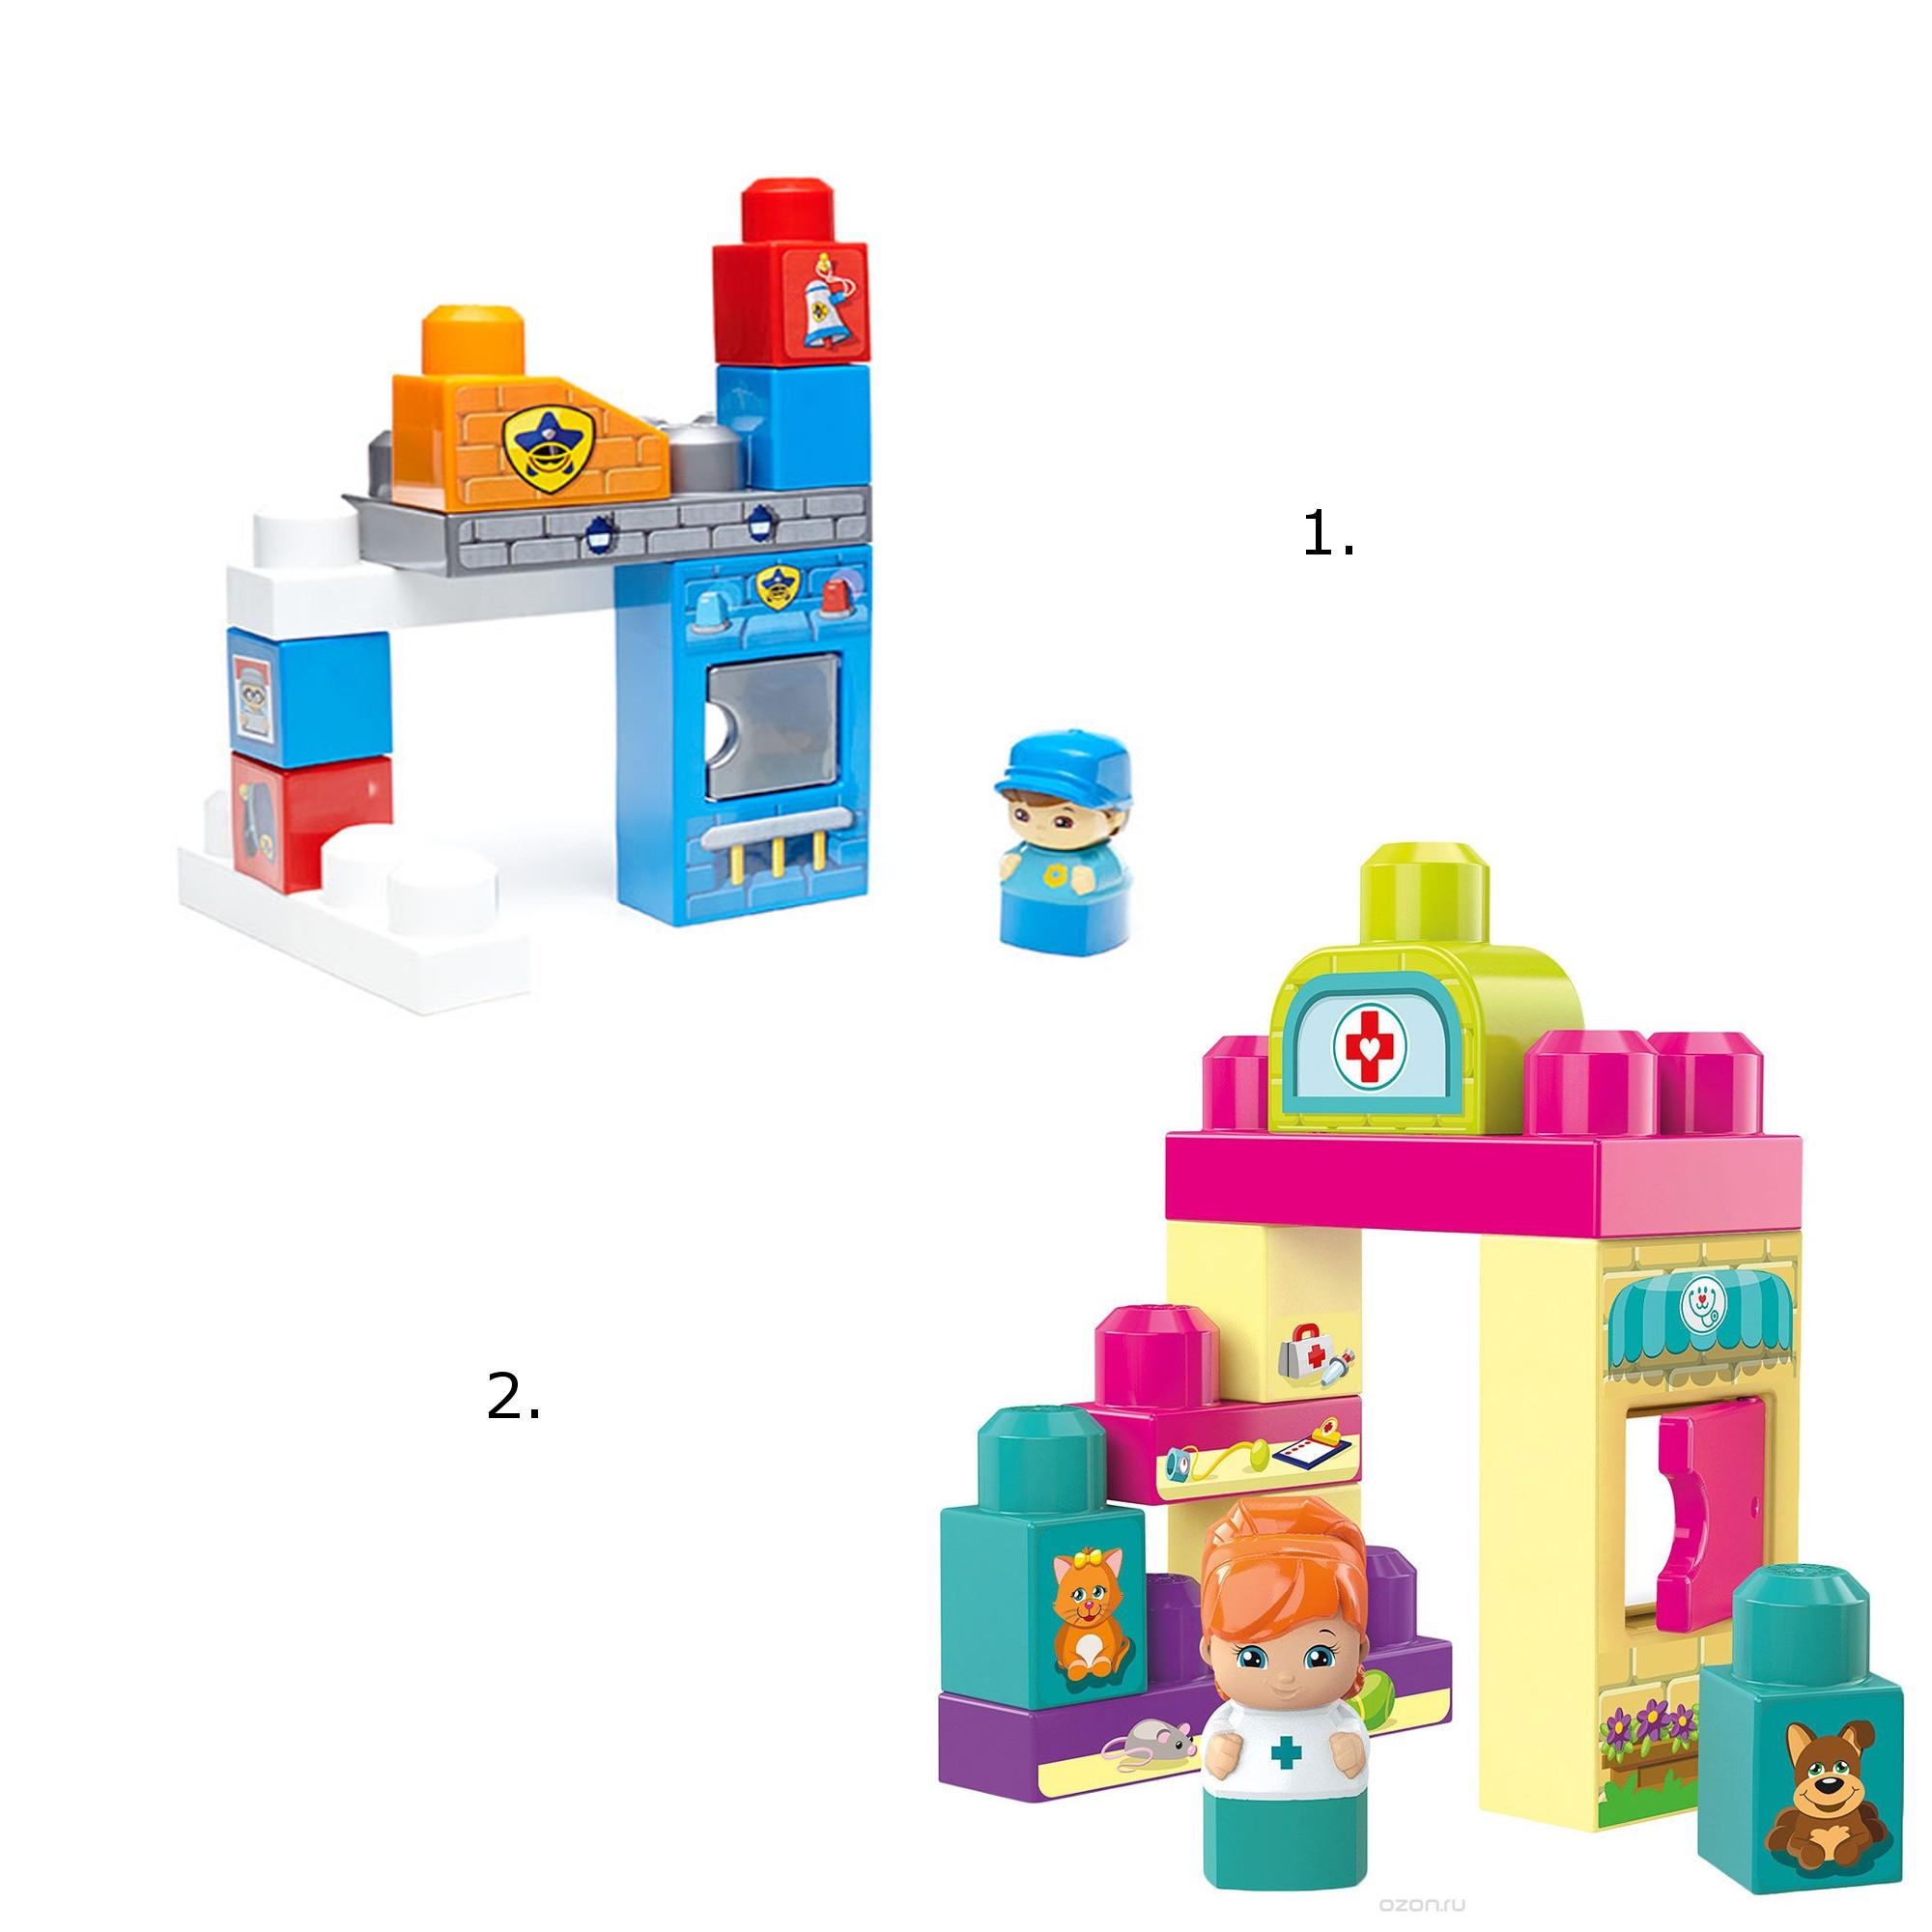 Маленькие игровые наборы – конструкторы, 2 вида - Конструкторы Mega Bloks, артикул: 168098